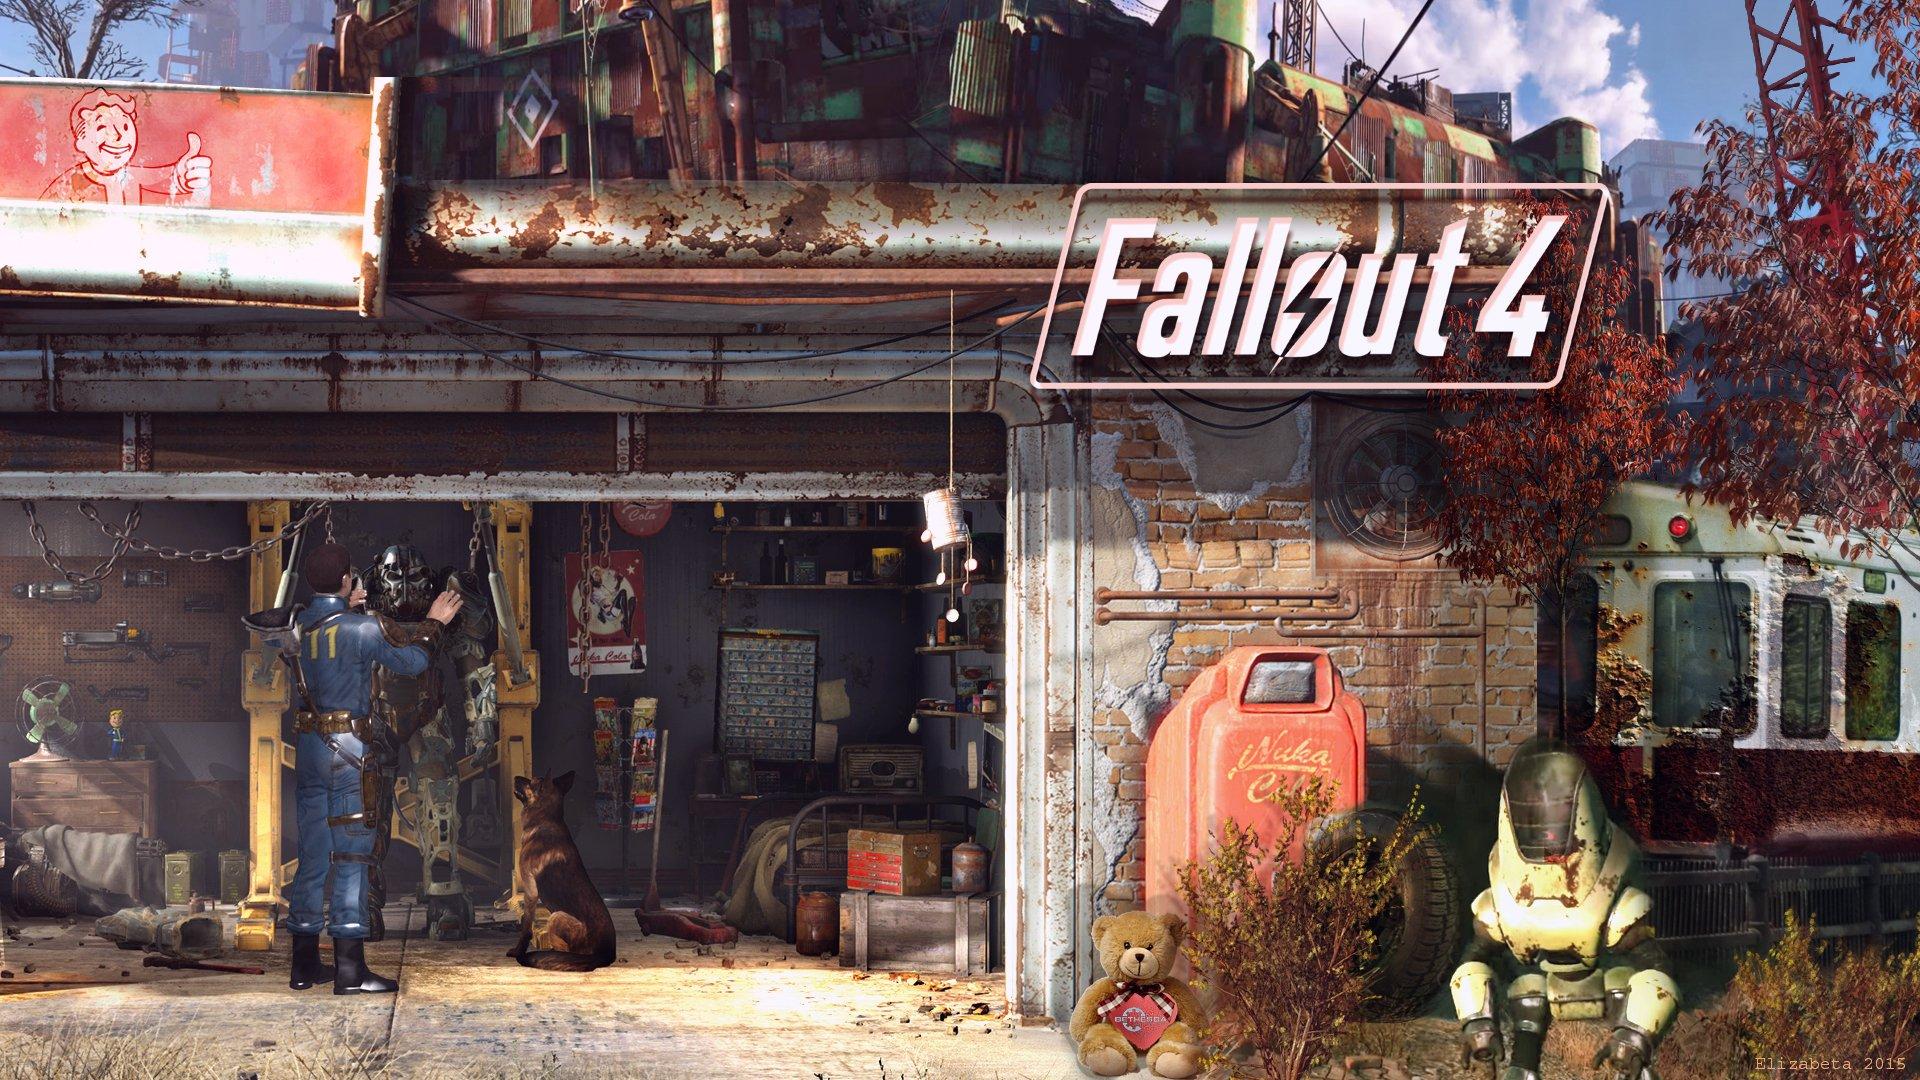 fallout 4 wallpaper by betka watch fan art wallpaper games 2015 2016 1920x1080